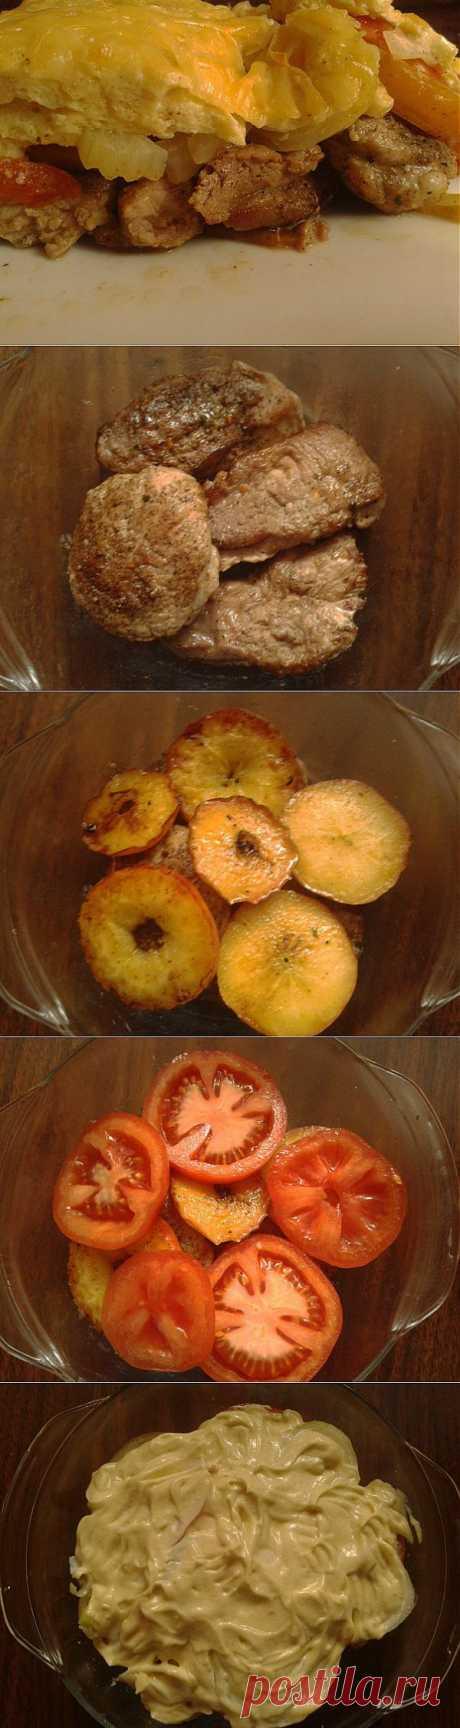 Вкуснейшая свинина с яблоками в духовке-пошагово,просто и вкусно!!! | Любимые рецепты